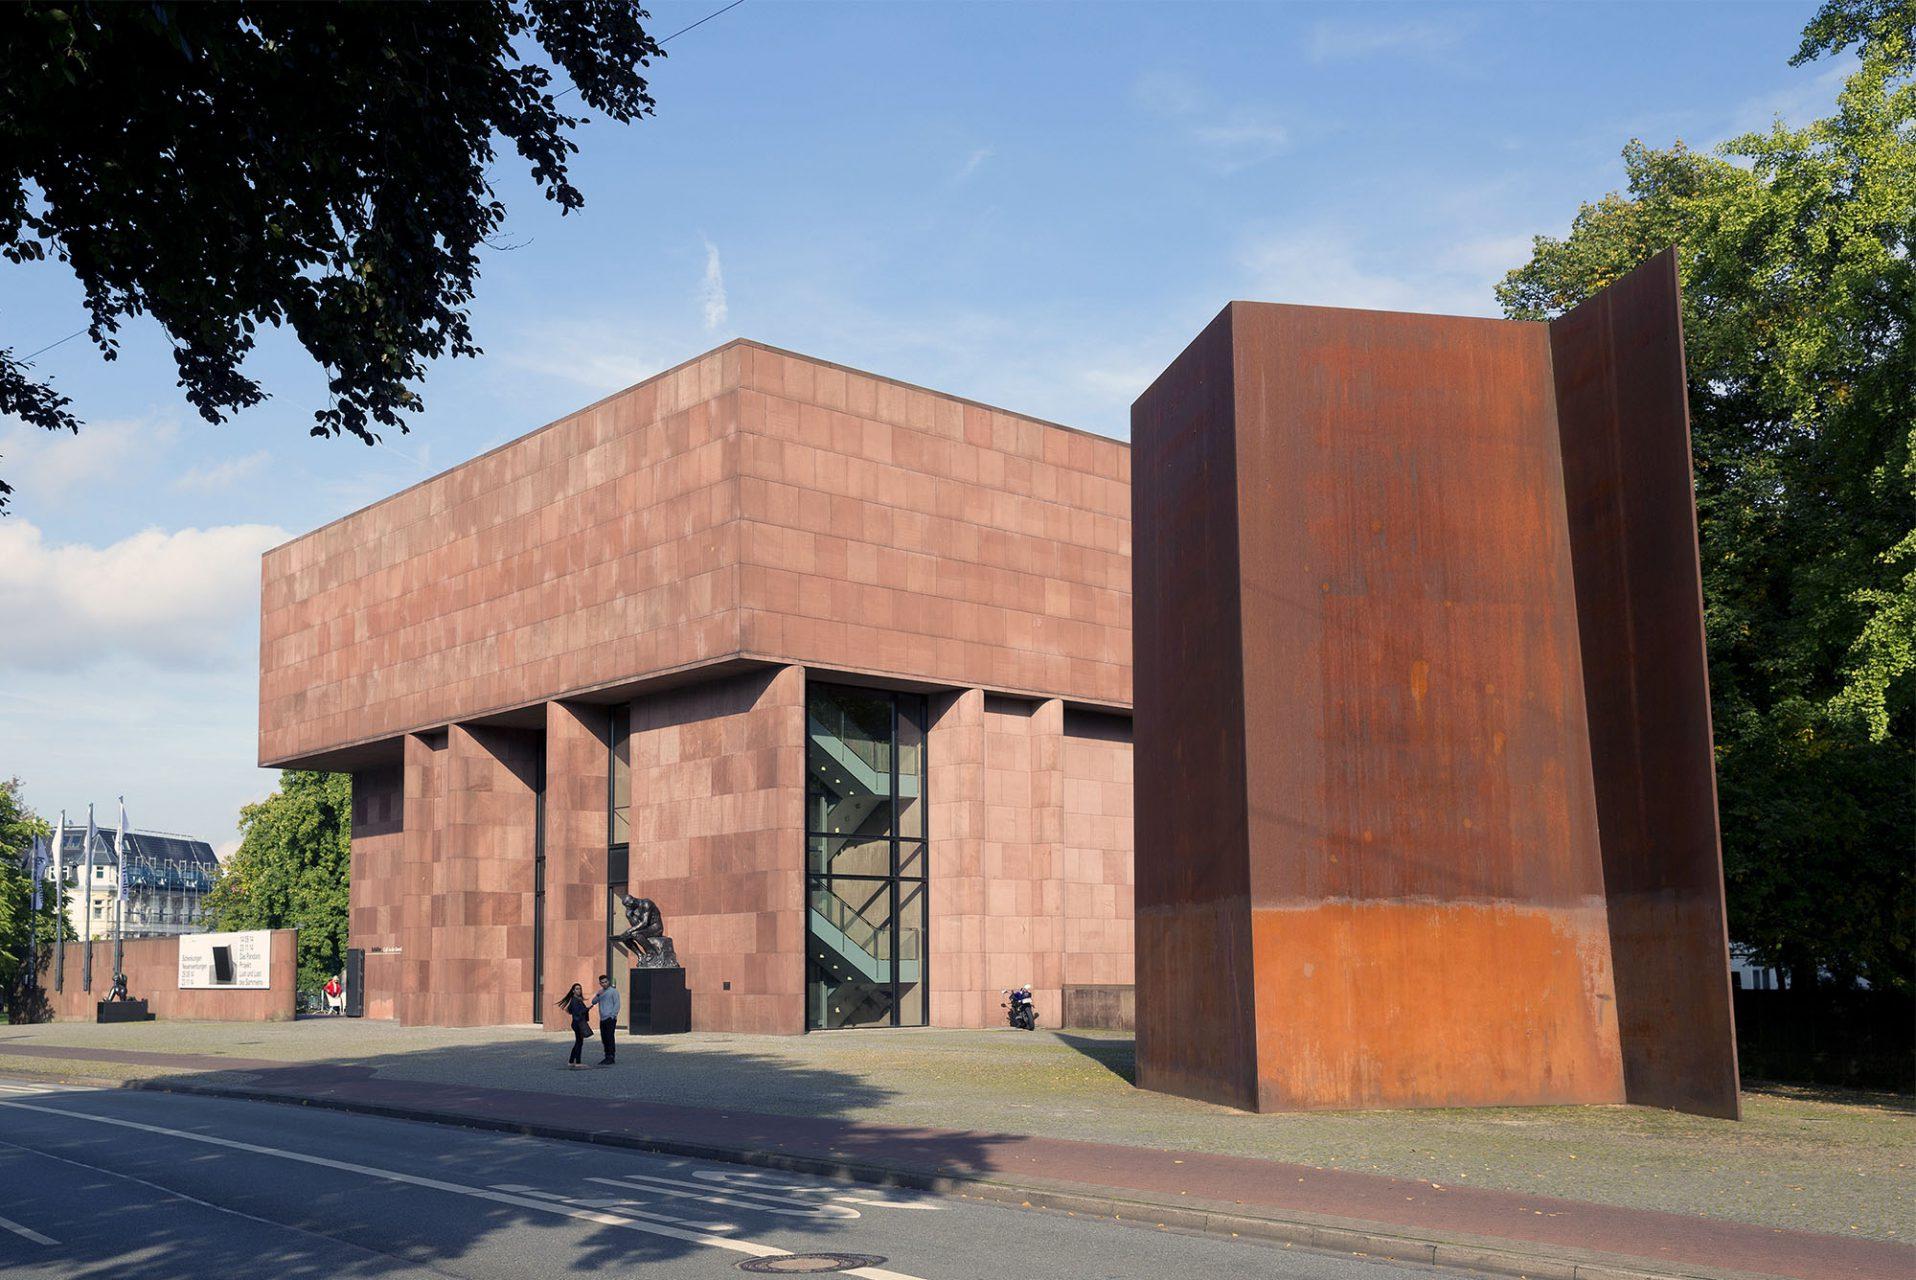 Kunsthalle Bielefeld.  Das Ausstellungshaus entstand zwischen 1966 und 1968 nach Plänen des amerikanischen Architekten Philip Johnson.